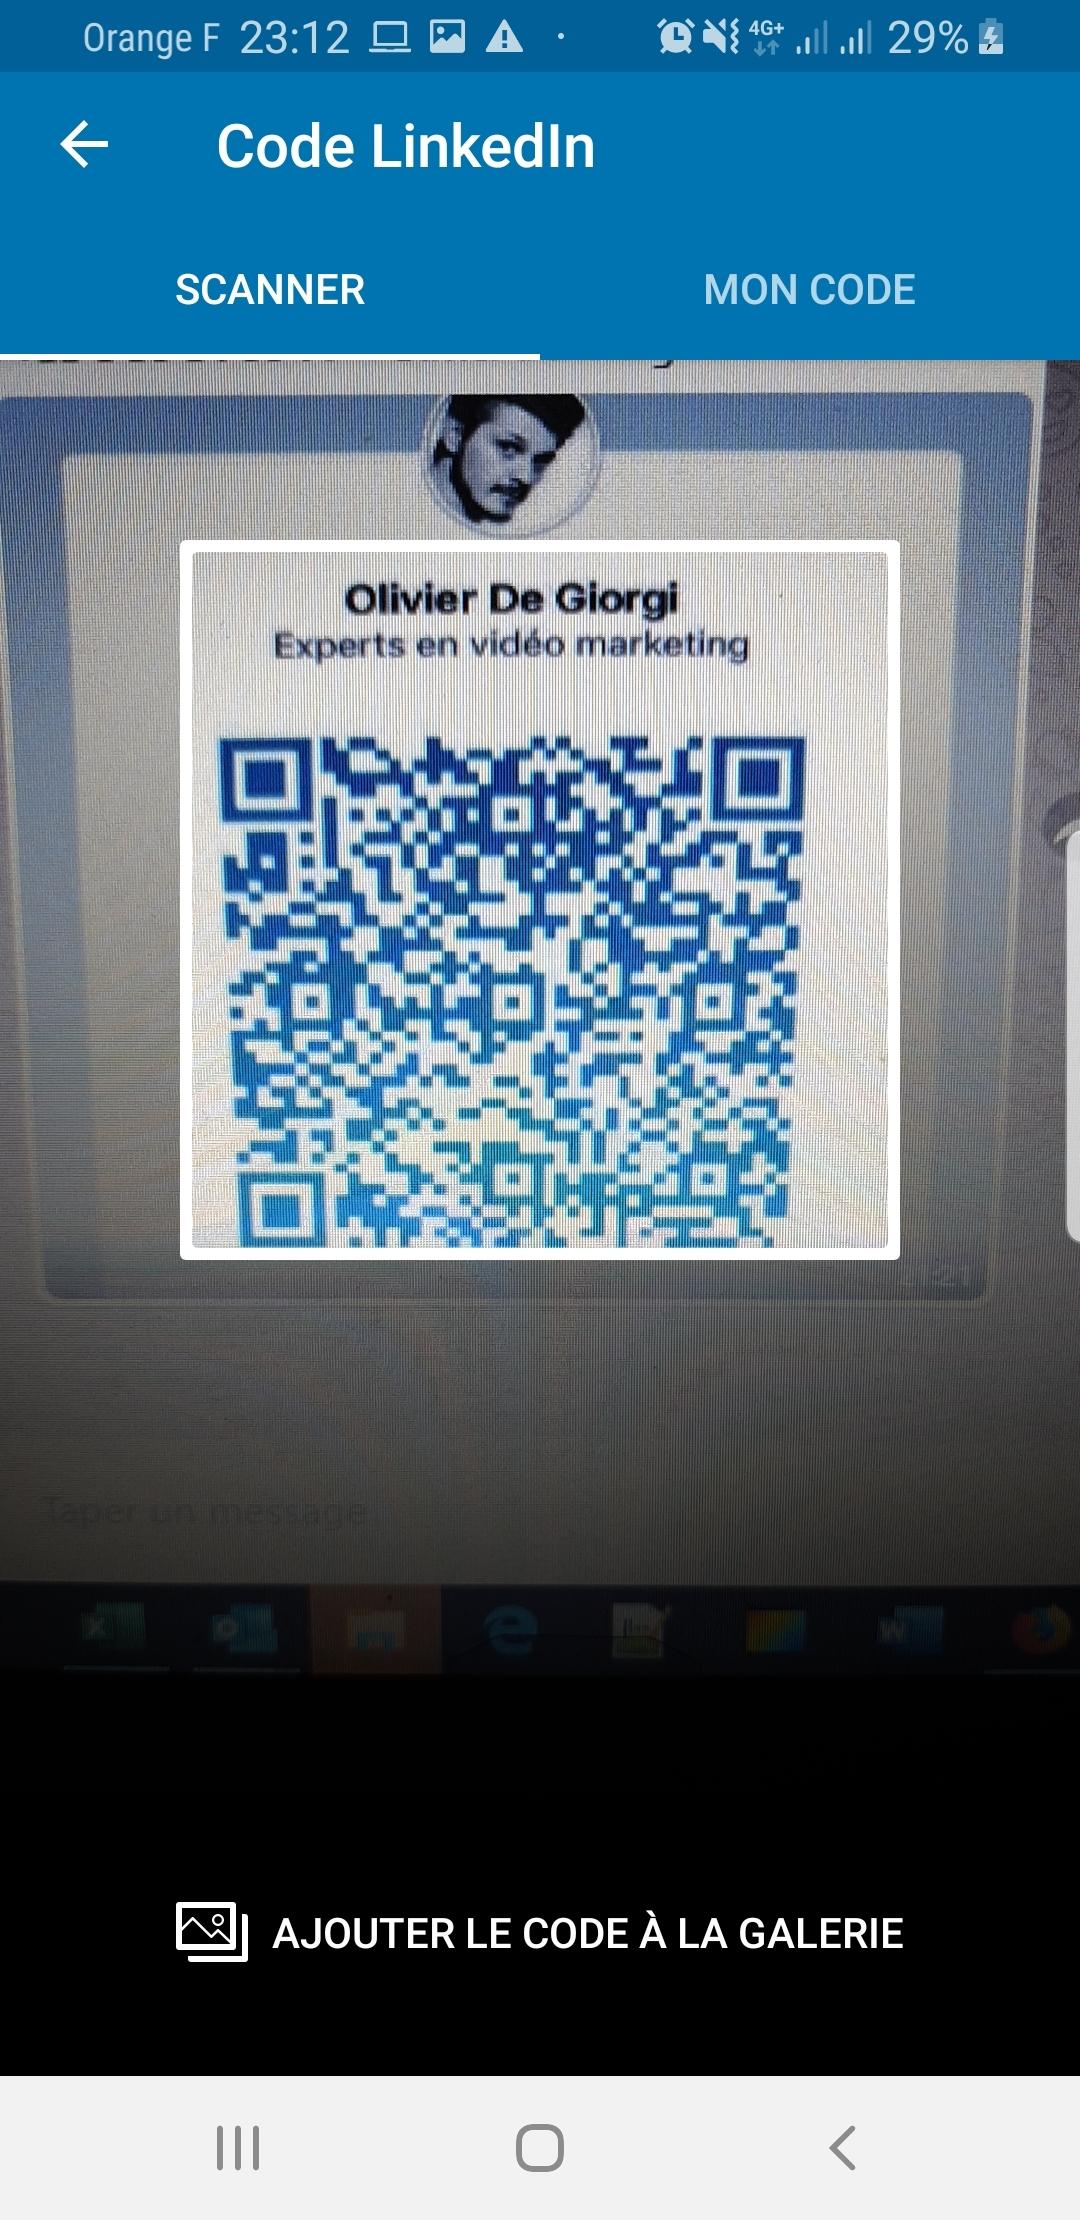 Utilisez l'App Linkedin et le QR code Linkedin pour scanner vos contacts lors d'un salon, d'une soirée networking... 5